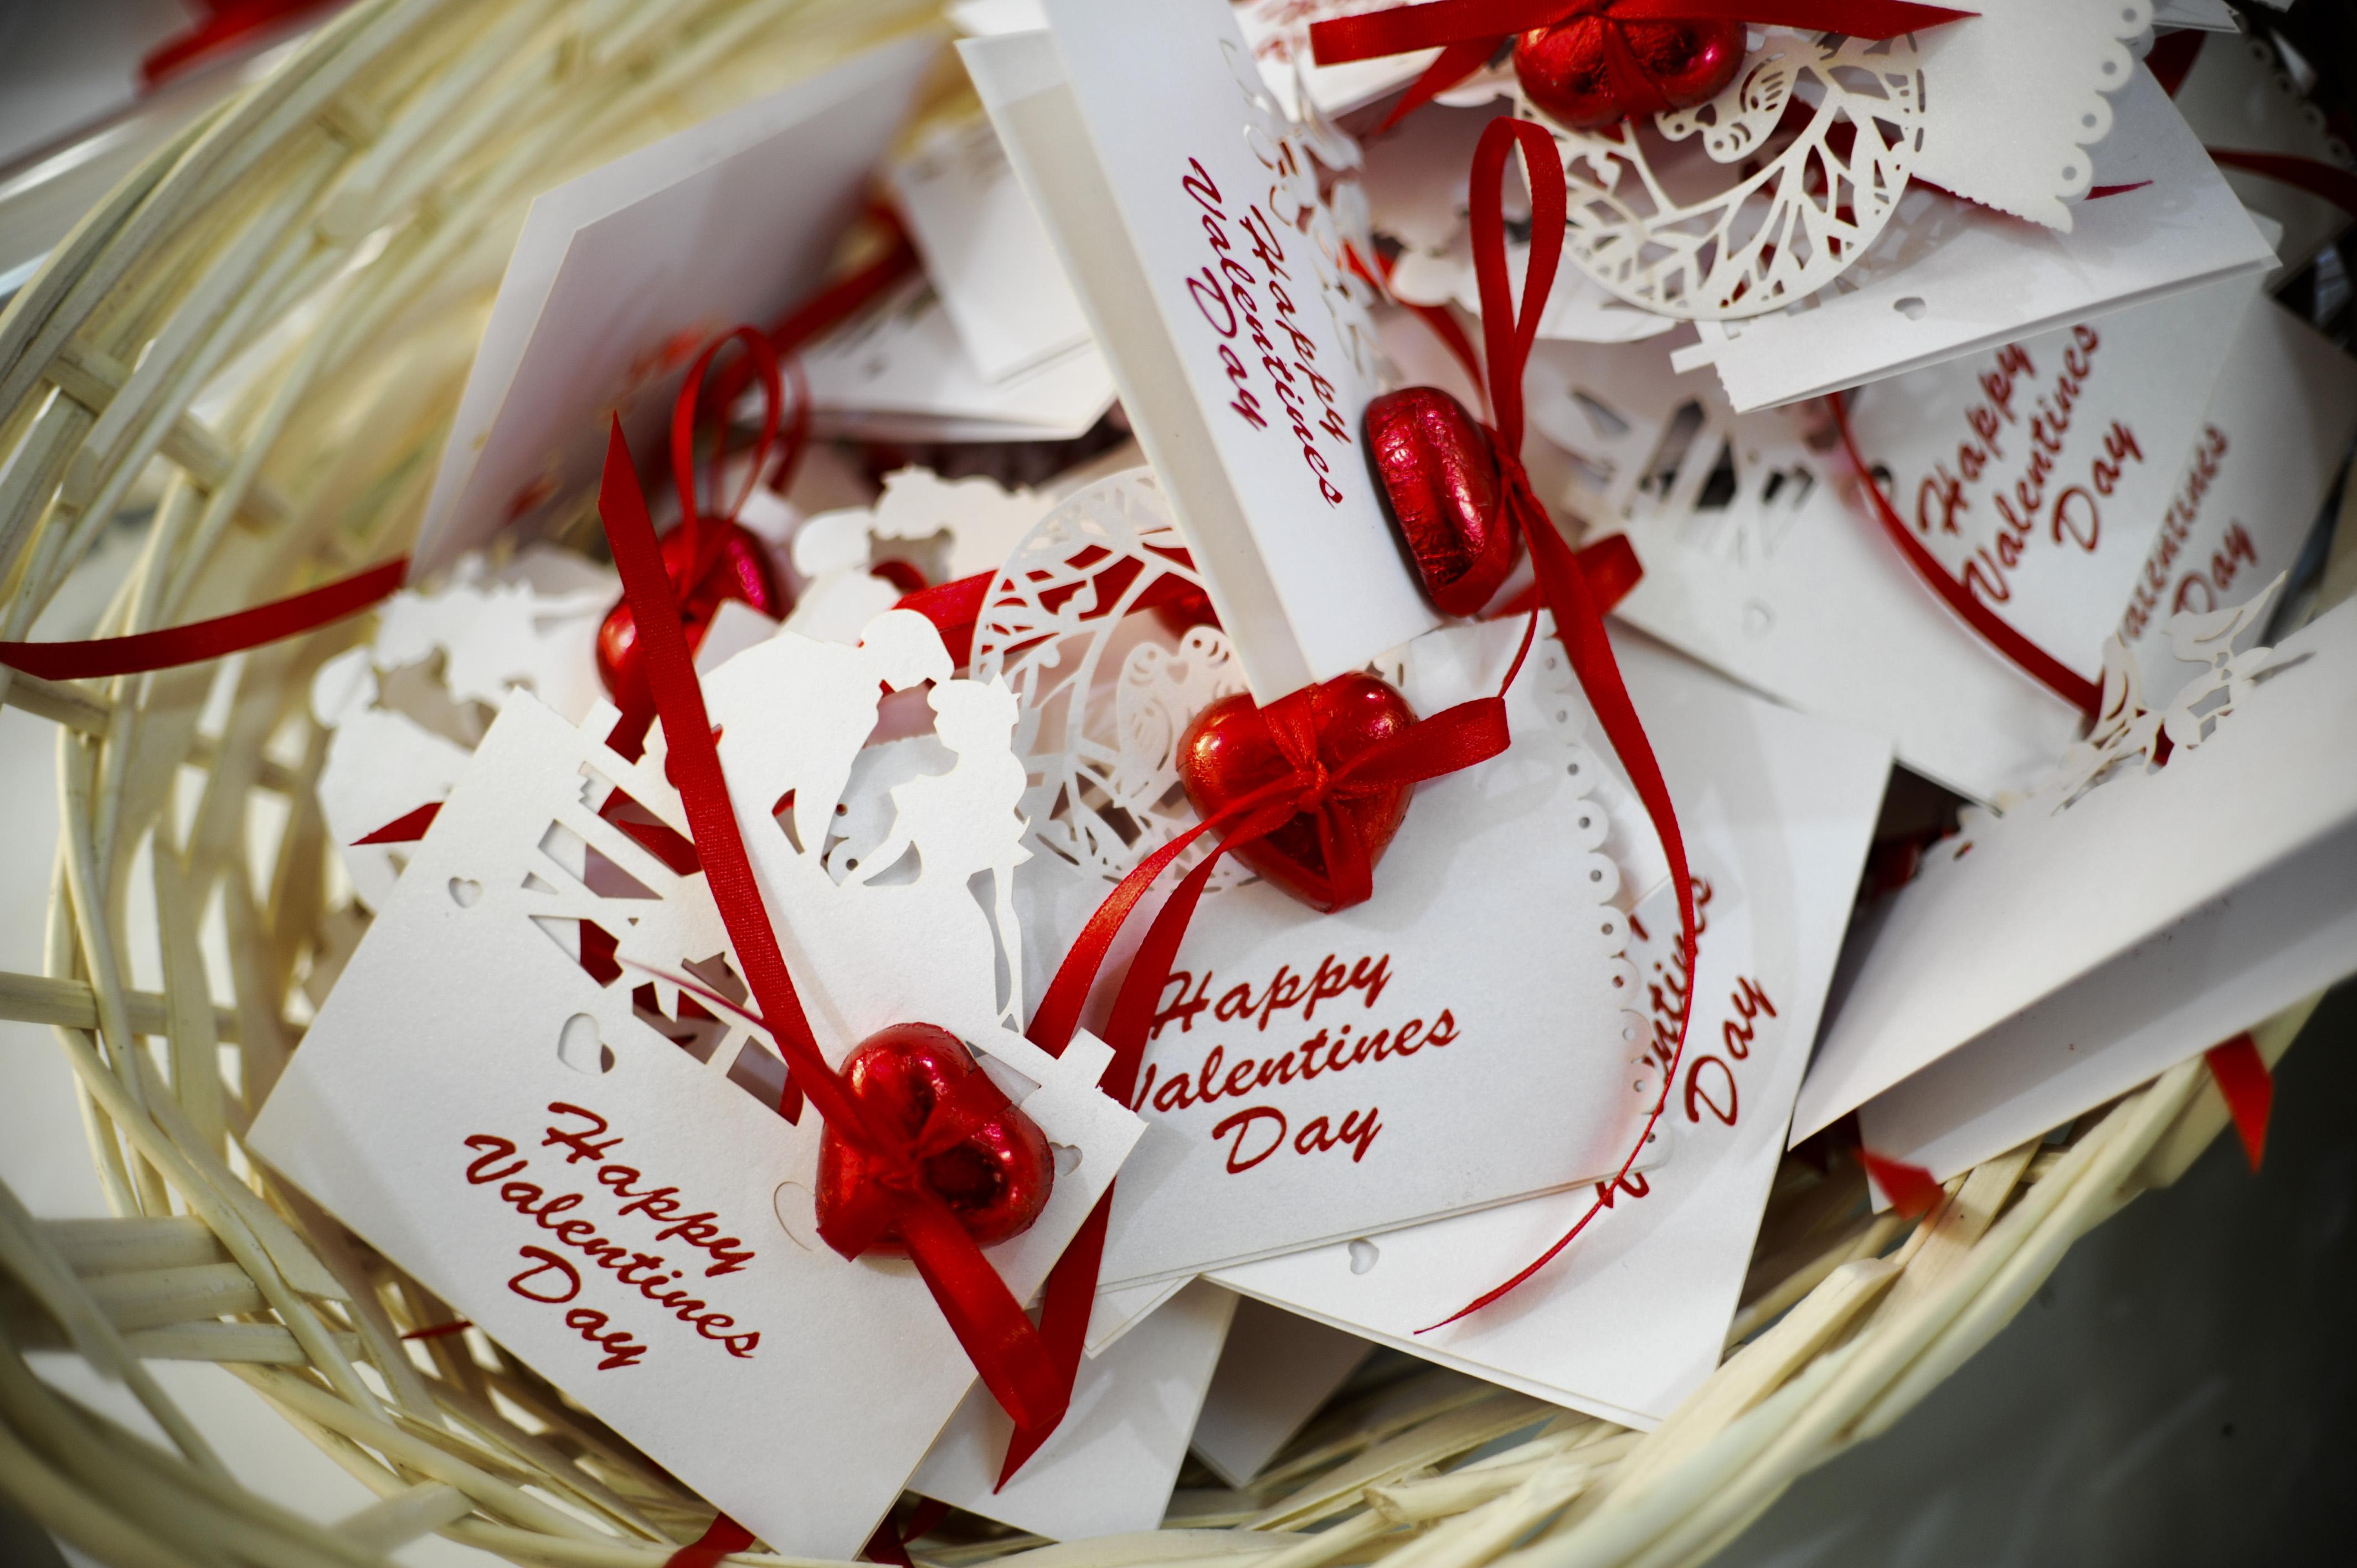 San valentino regali fai da te ed economici da realizzare for Oggettistica fai da te per casa